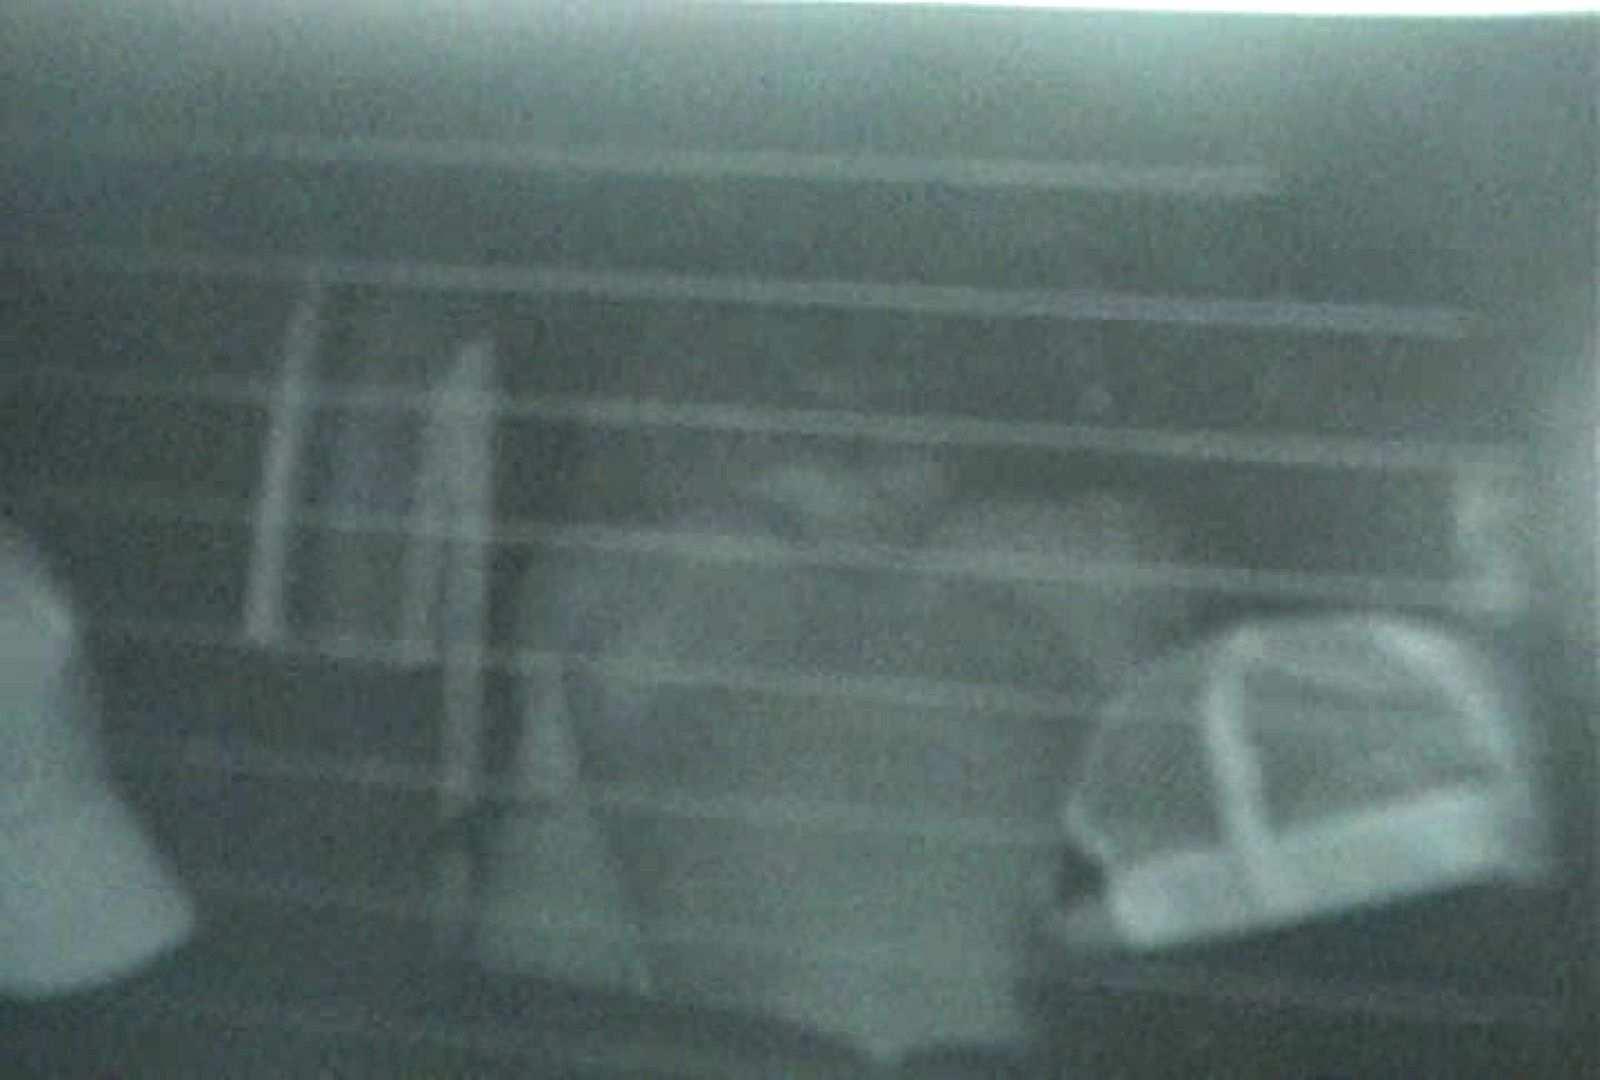 「充血監督」さんの深夜の運動会!! vol.042 セックスする女性達 オメコ動画キャプチャ 87画像 35